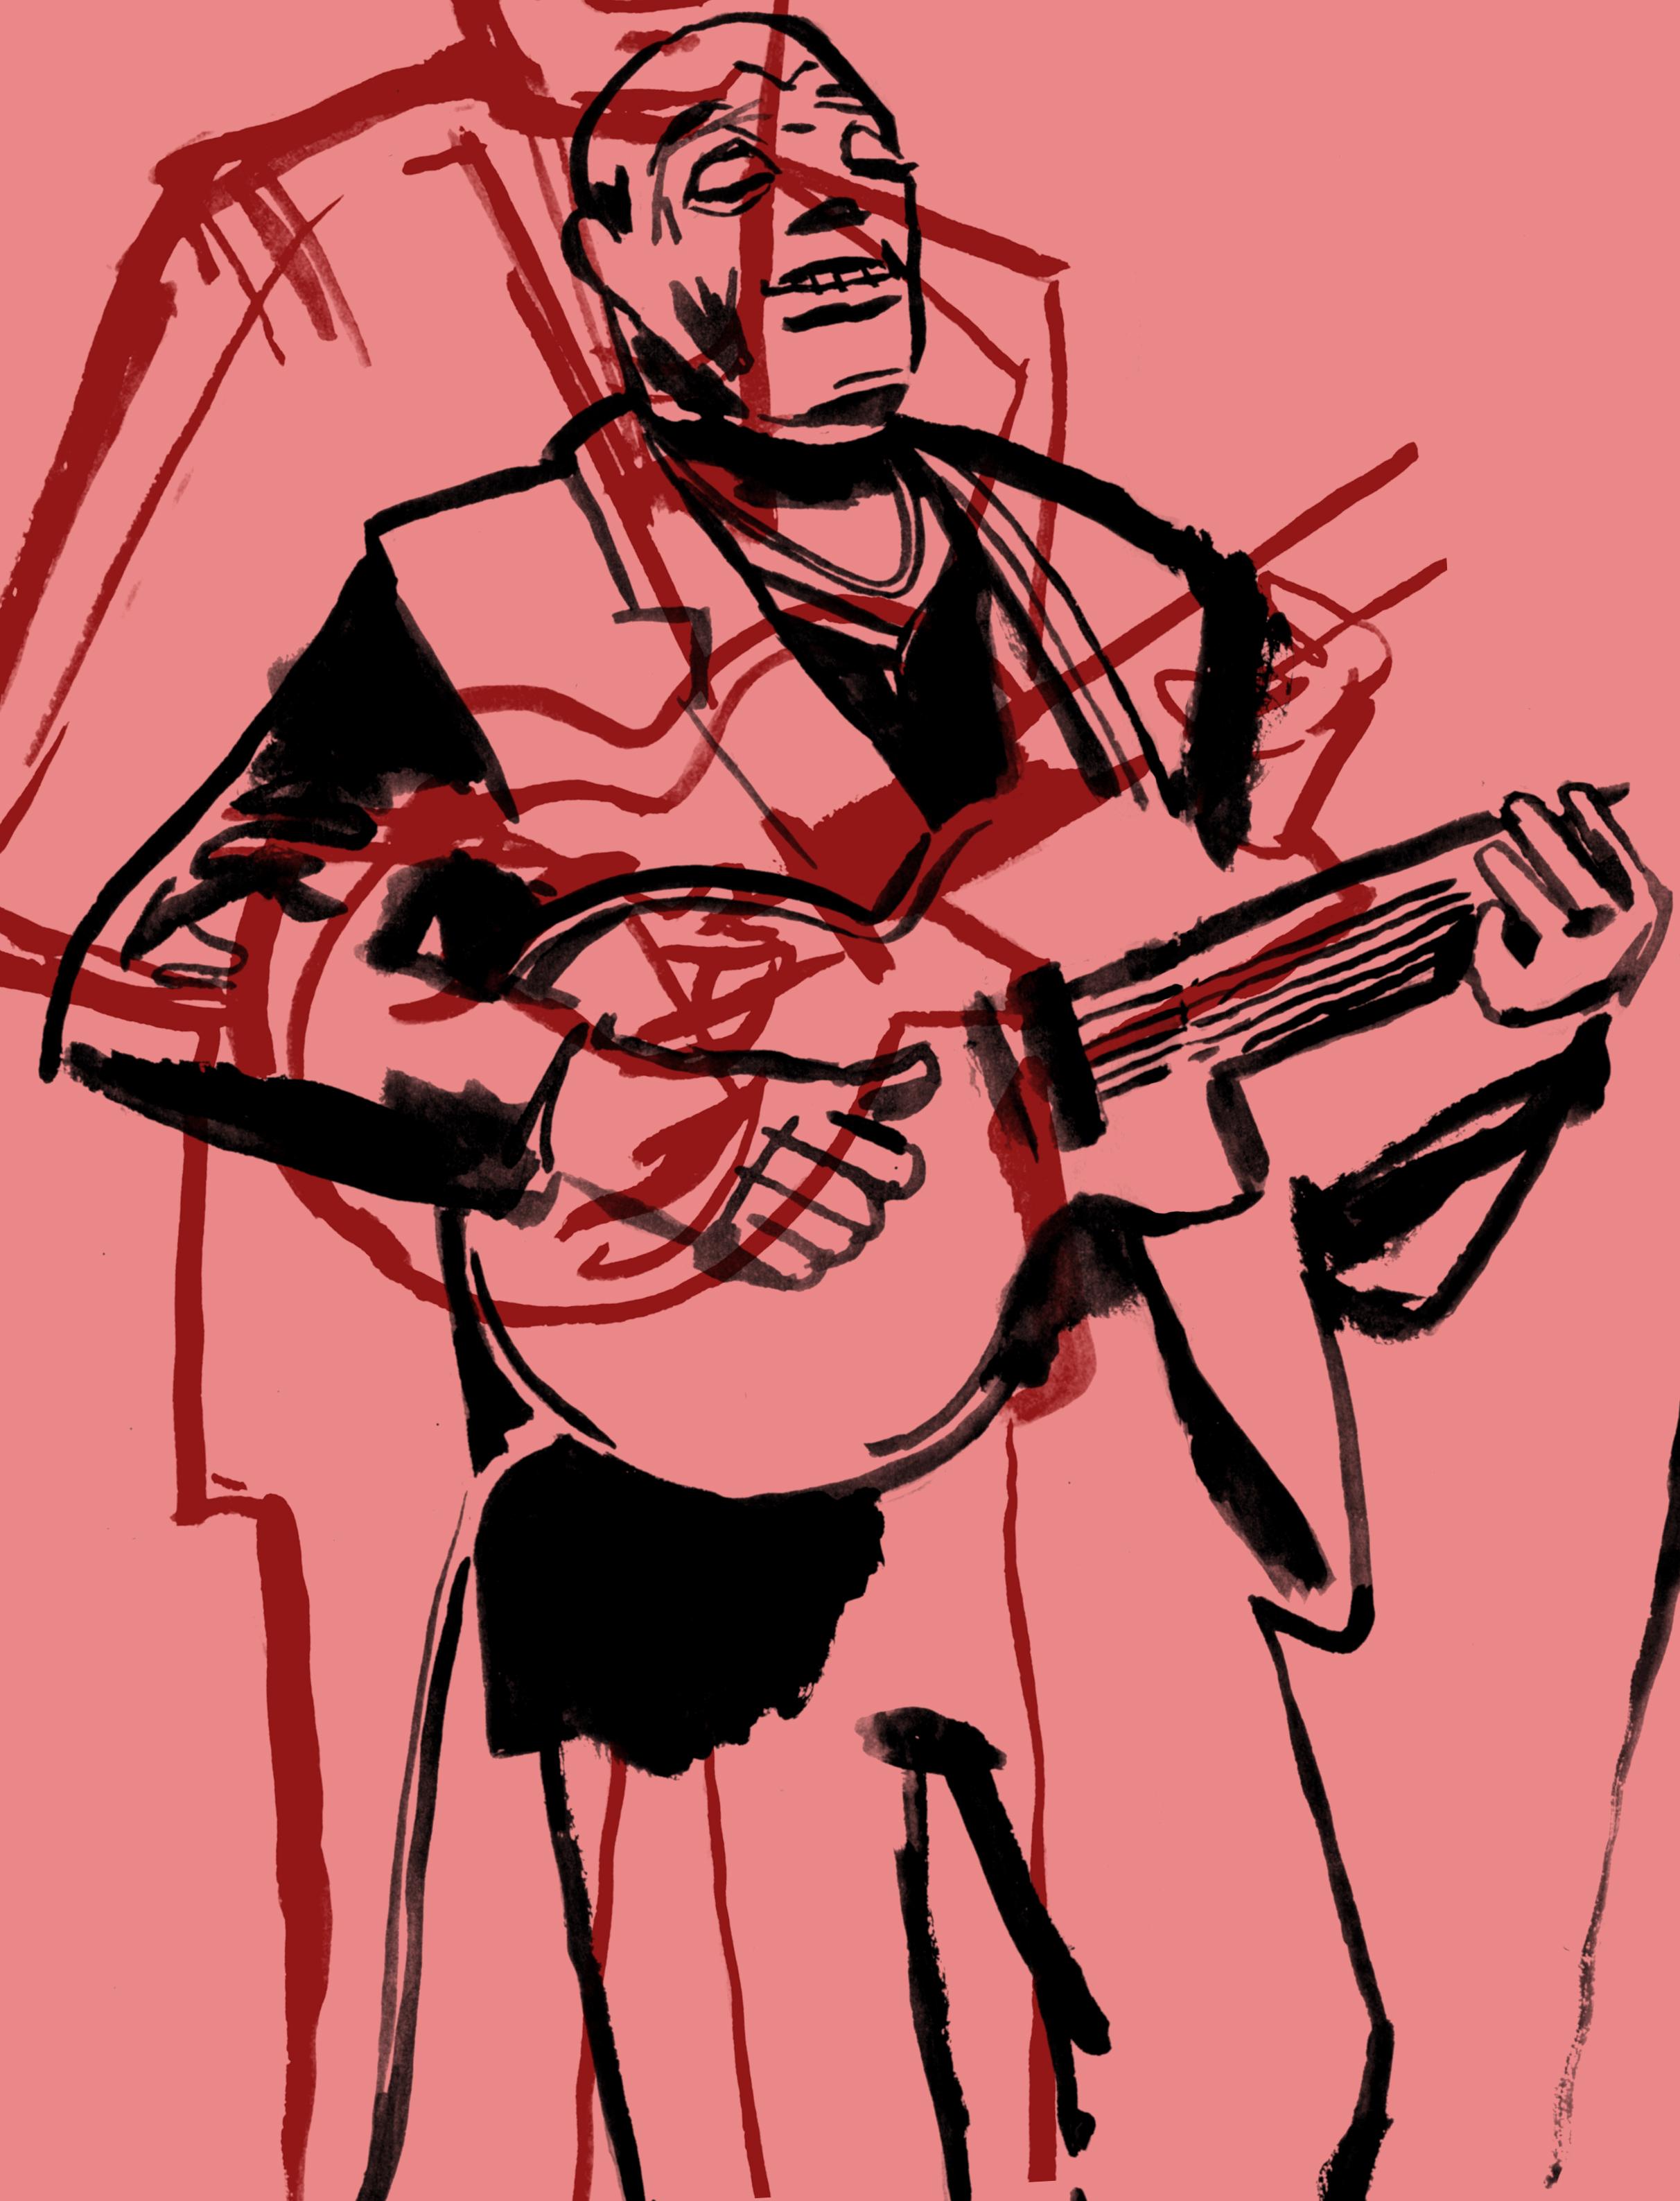 jazz_guitarist_9.jpg